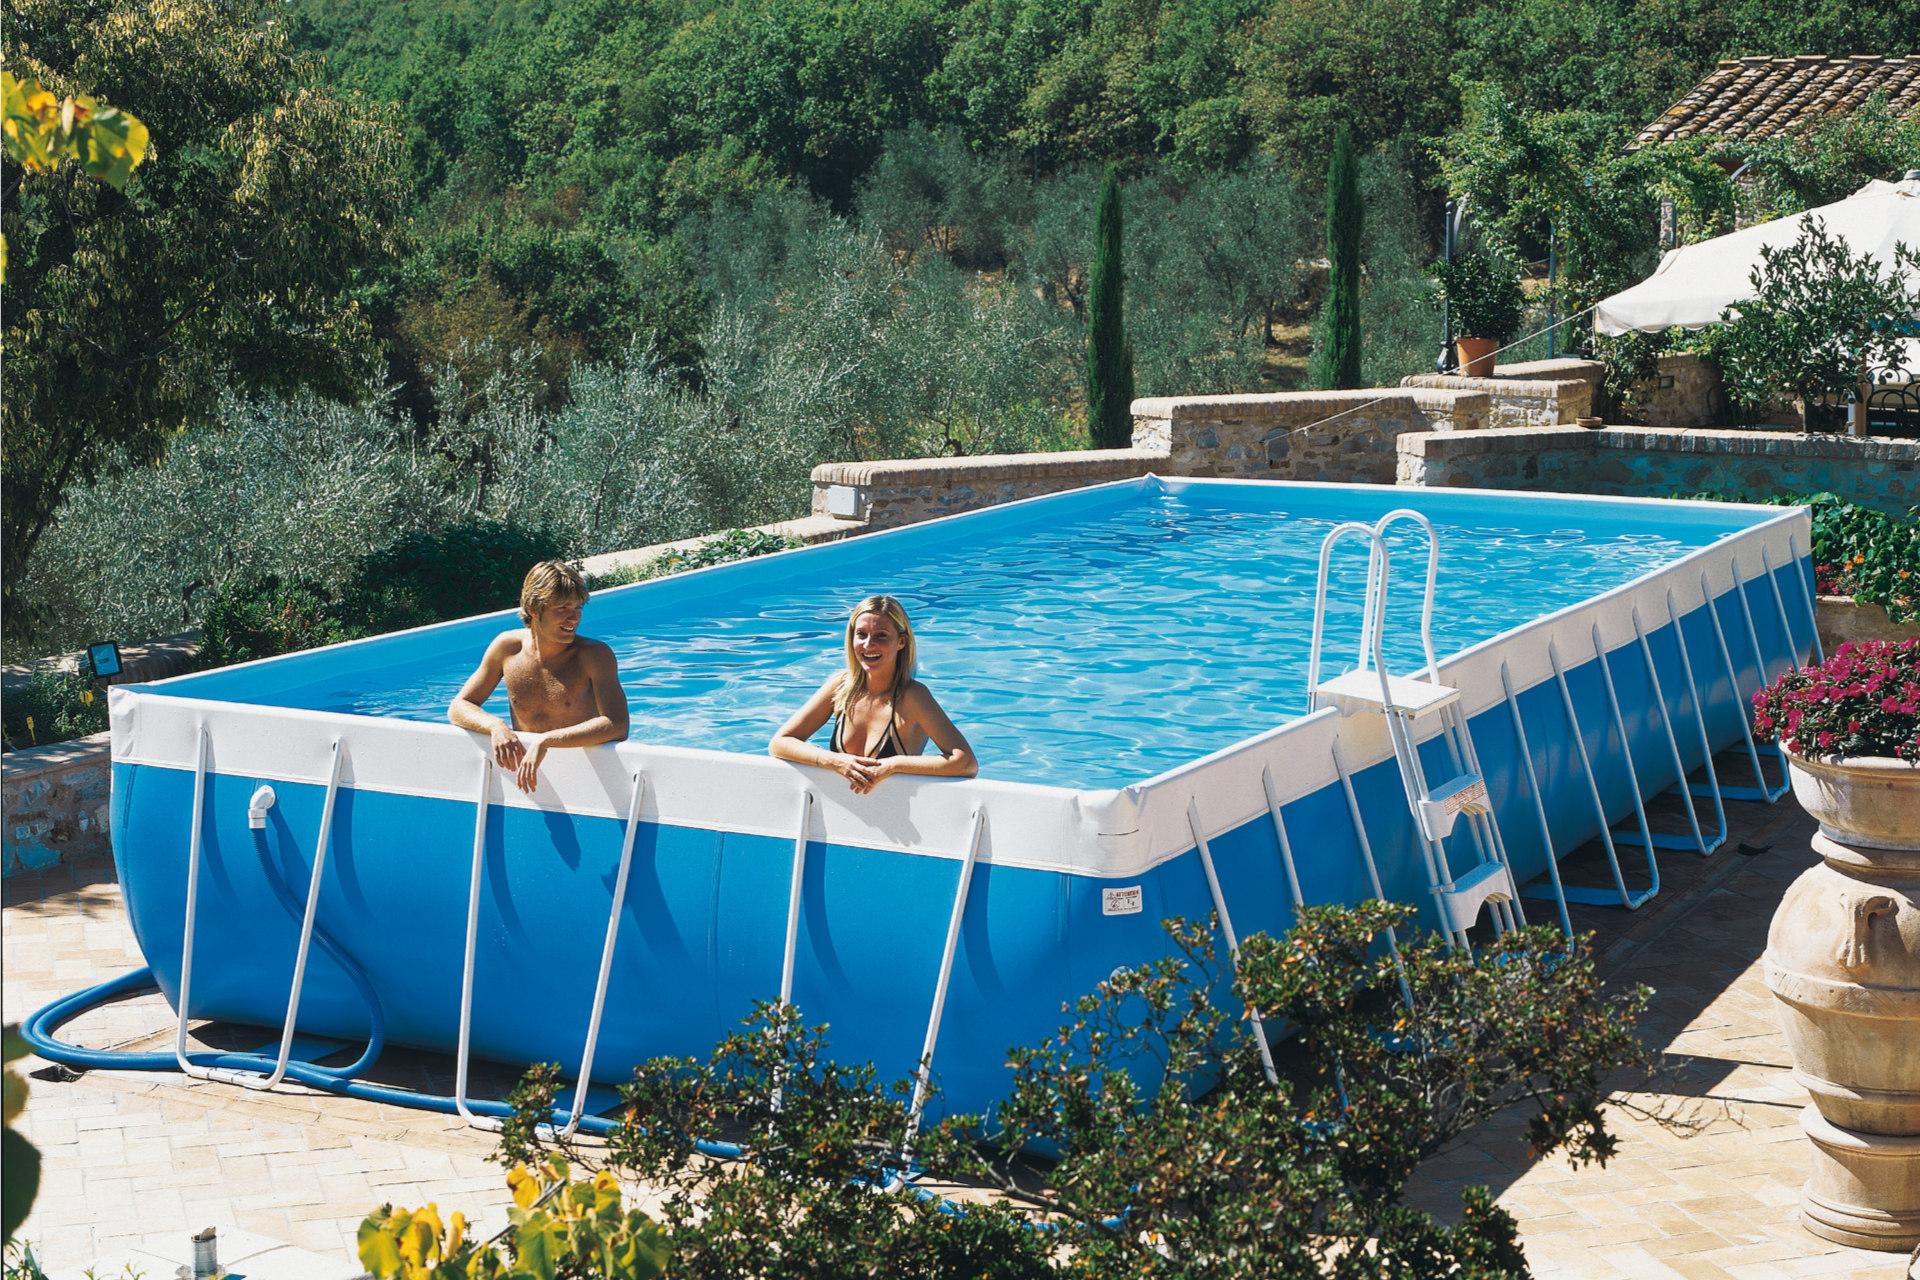 Le Guide Complet Des Piscines Hors-Sol - Aquapolis destiné Traitement Piscine Hors Sol